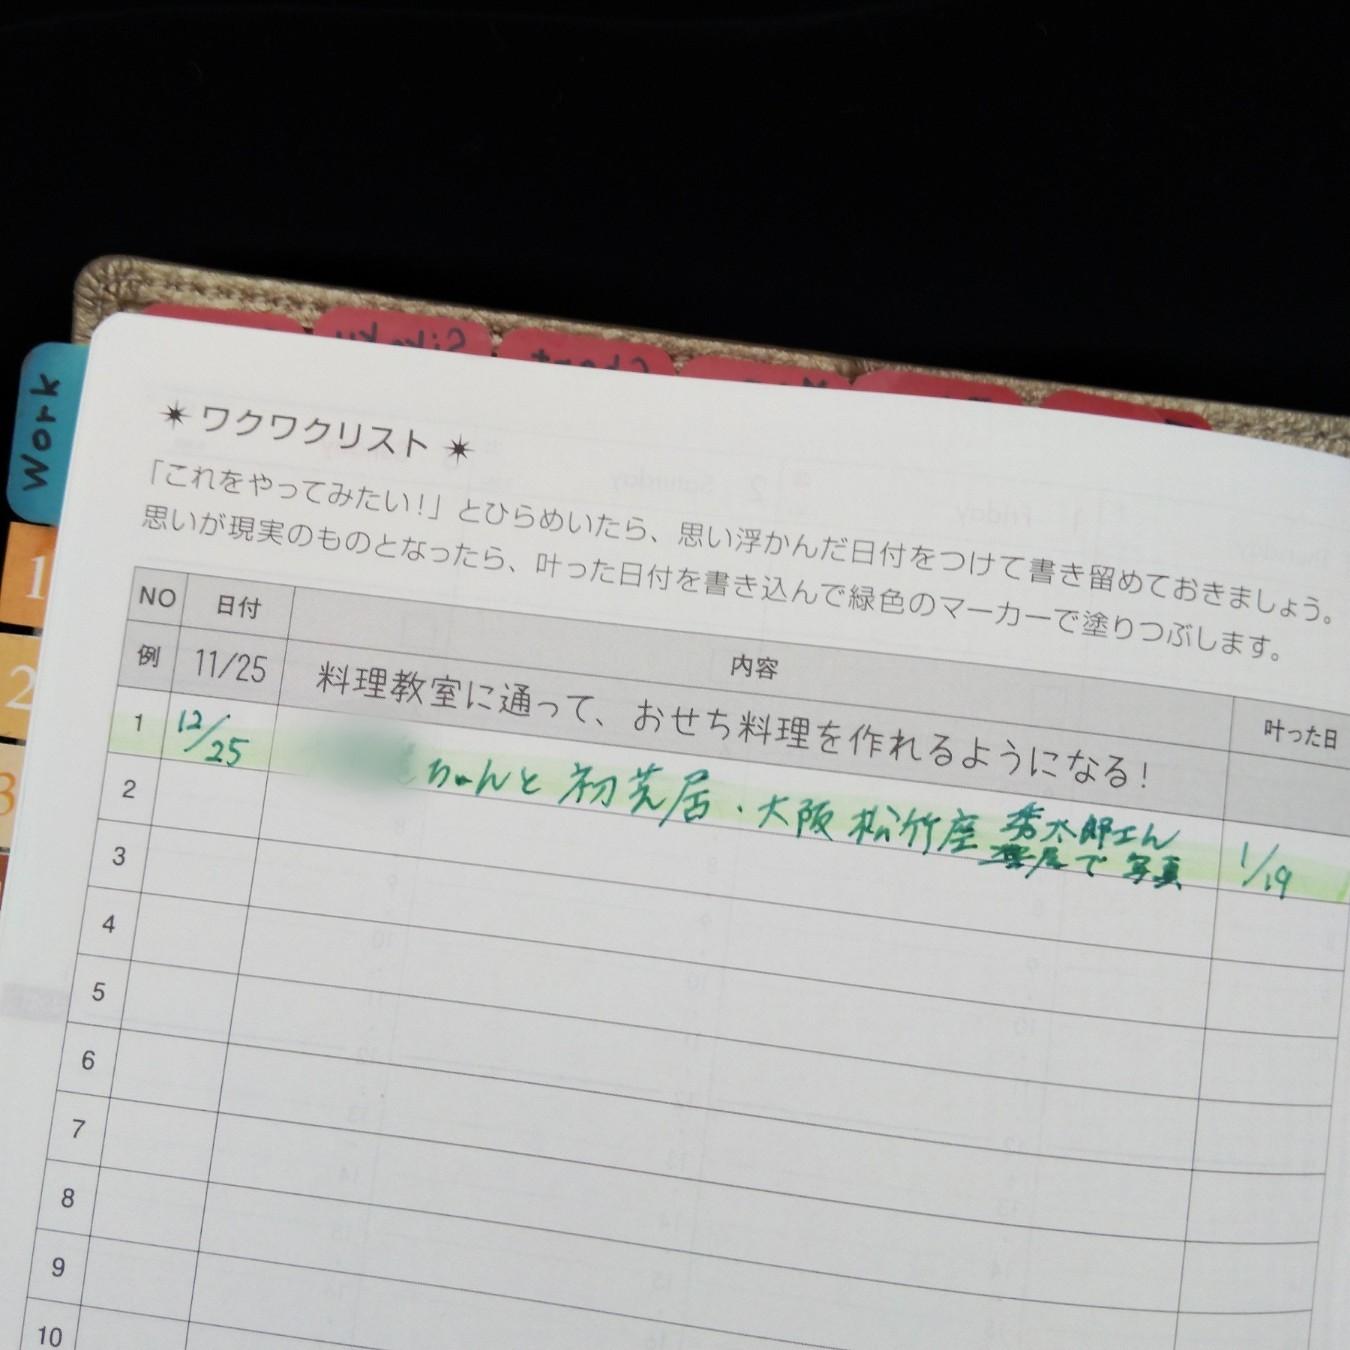 200123  片岡秀太郎丈の楽屋を訪ねました✨_f0164842_15384392.jpg